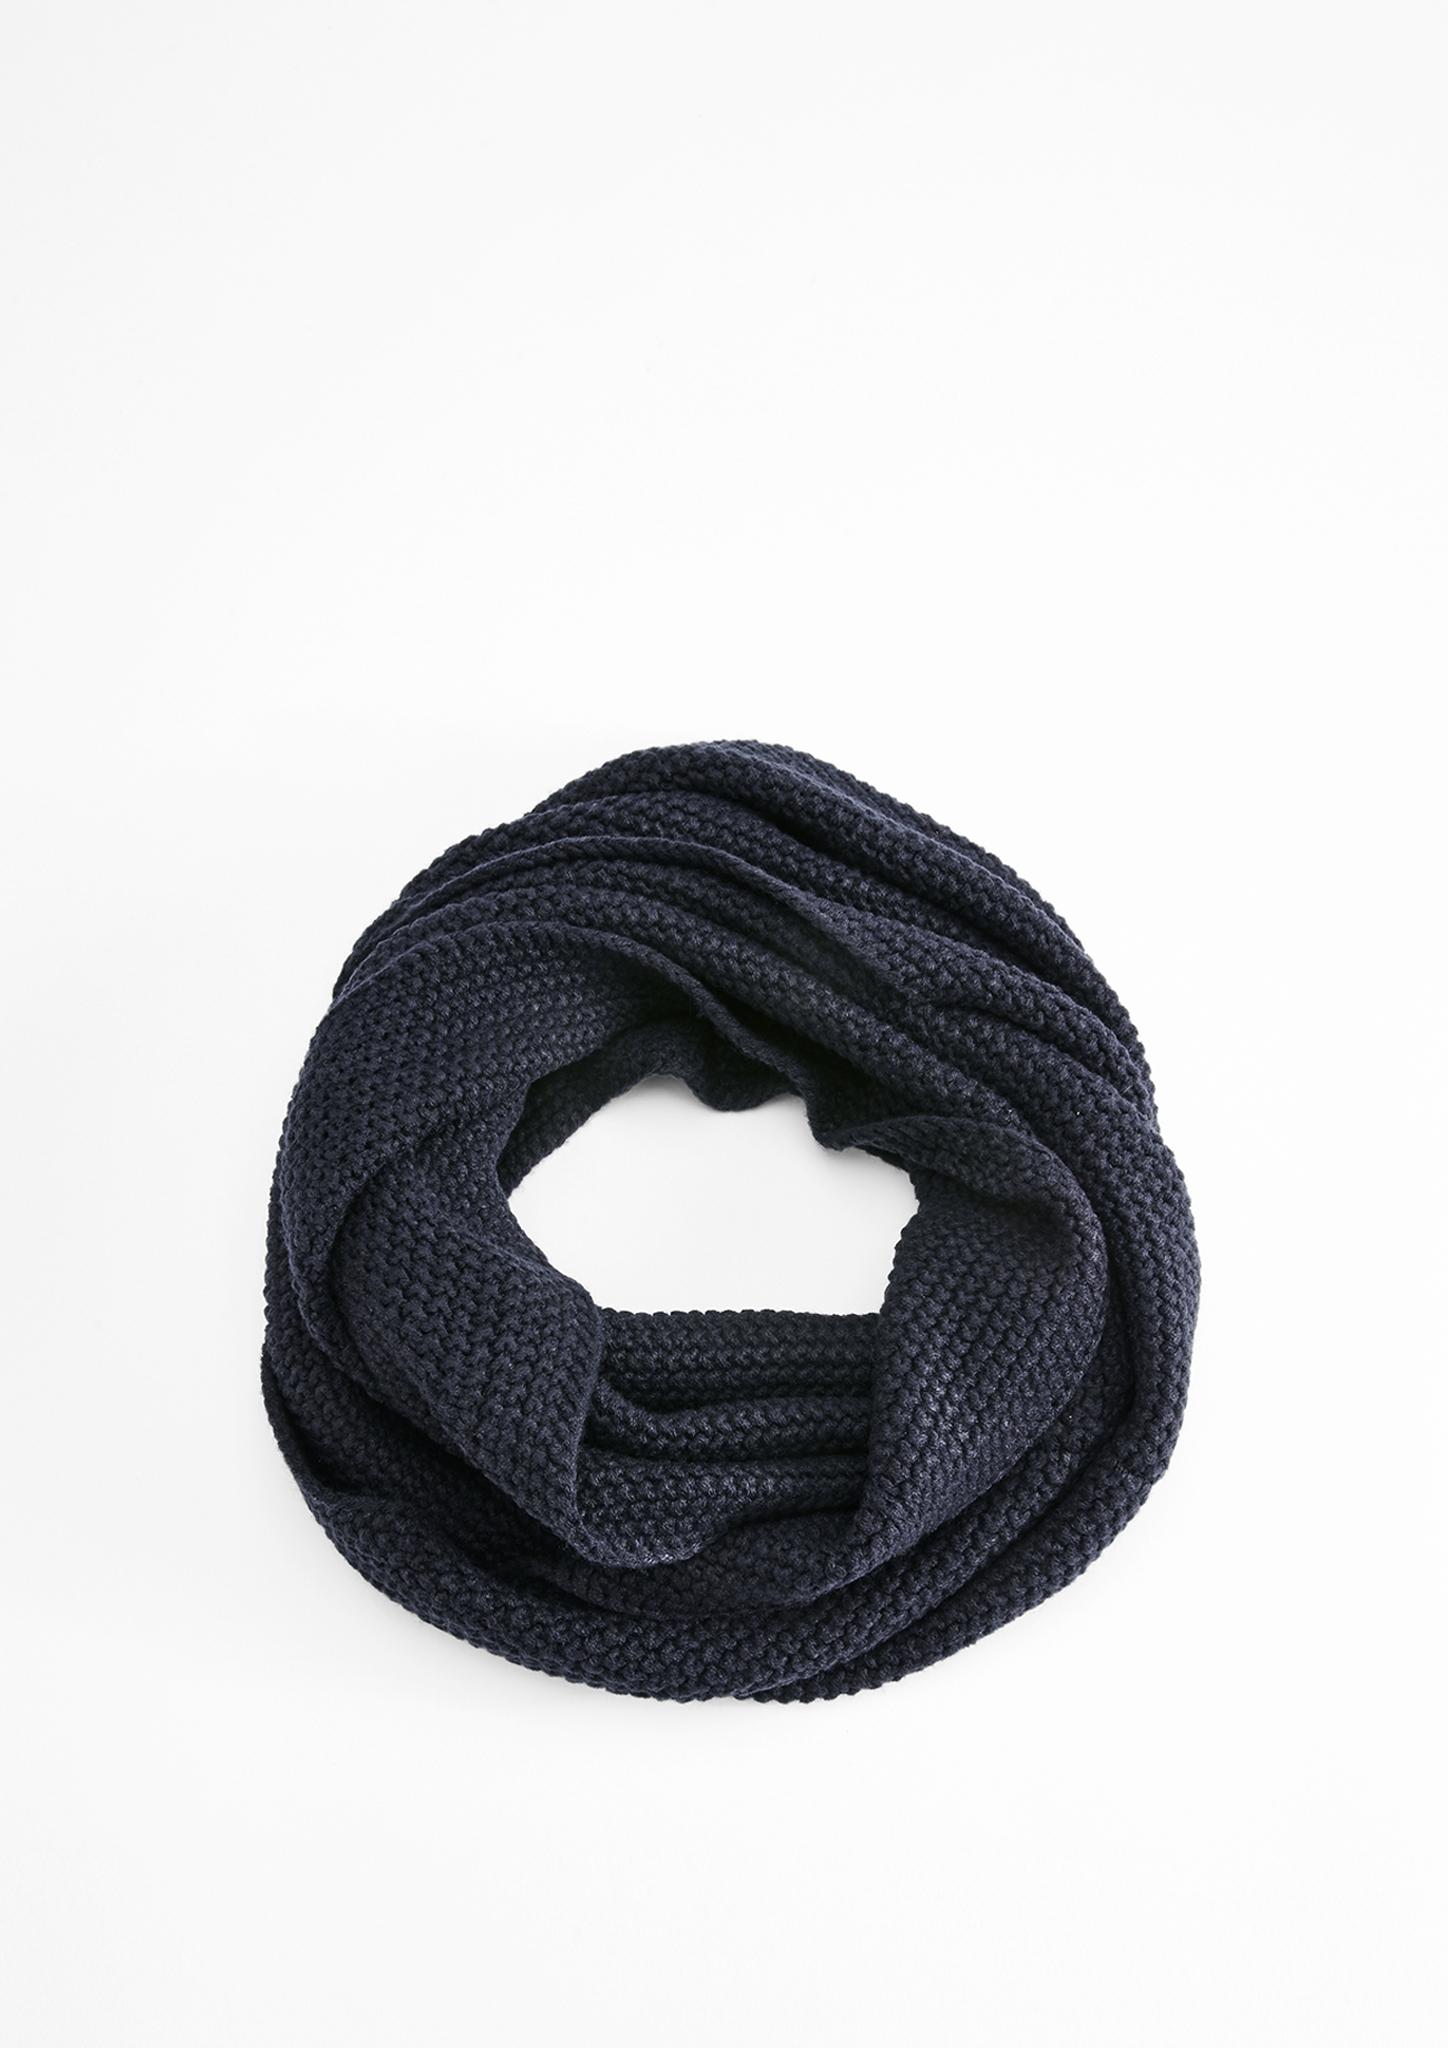 Schal | Accessoires > Schals & Tücher | Blau | 100% polyacryl | Q/S designed by